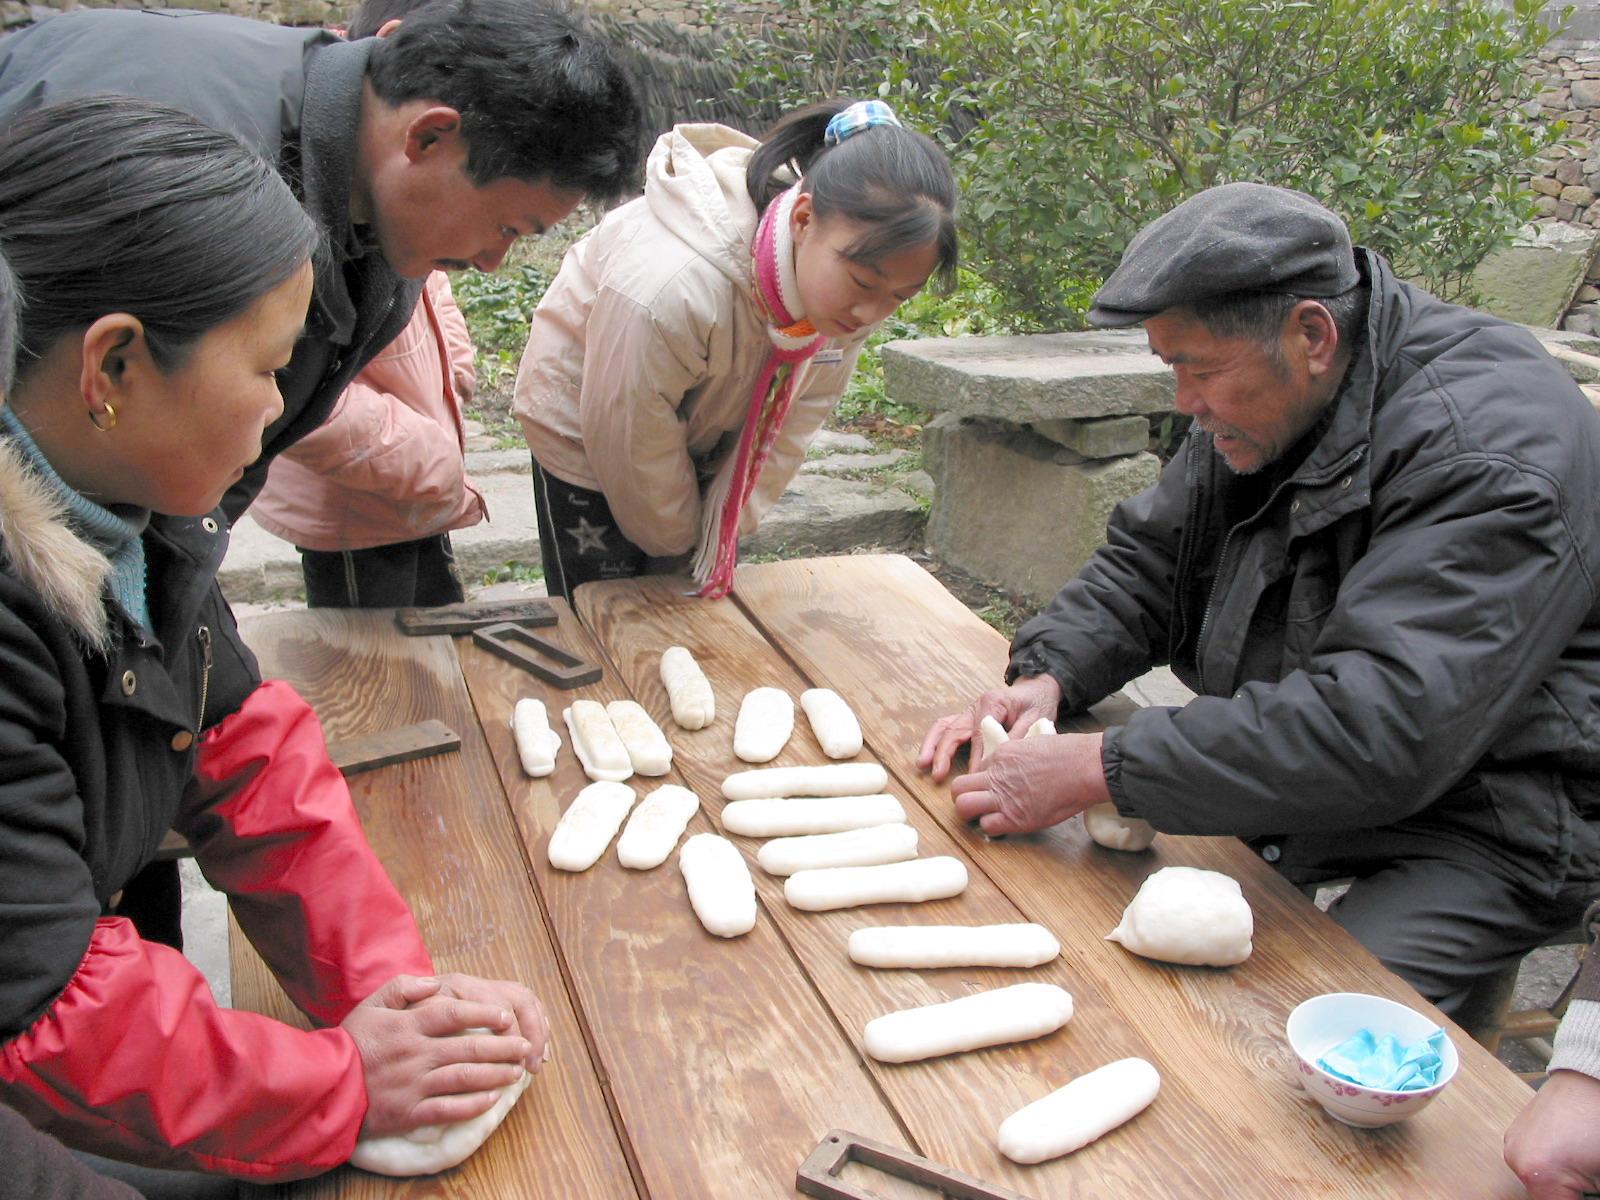 慈城水磨年糕手工制作历史悠久,迄今己有160多年历史。其以梁糊米、水底青等粳米和水为主要原料,经种植、选米、浸泡、磨粉、沥粉、擞(音为叔,意为搓)碎、蒸熟、搡舂、摘条、印糕十道工序制作而成,涉及缸、石磨、布袋、刨刀、蒸龙、捣臼和年糕板等十多种工具。